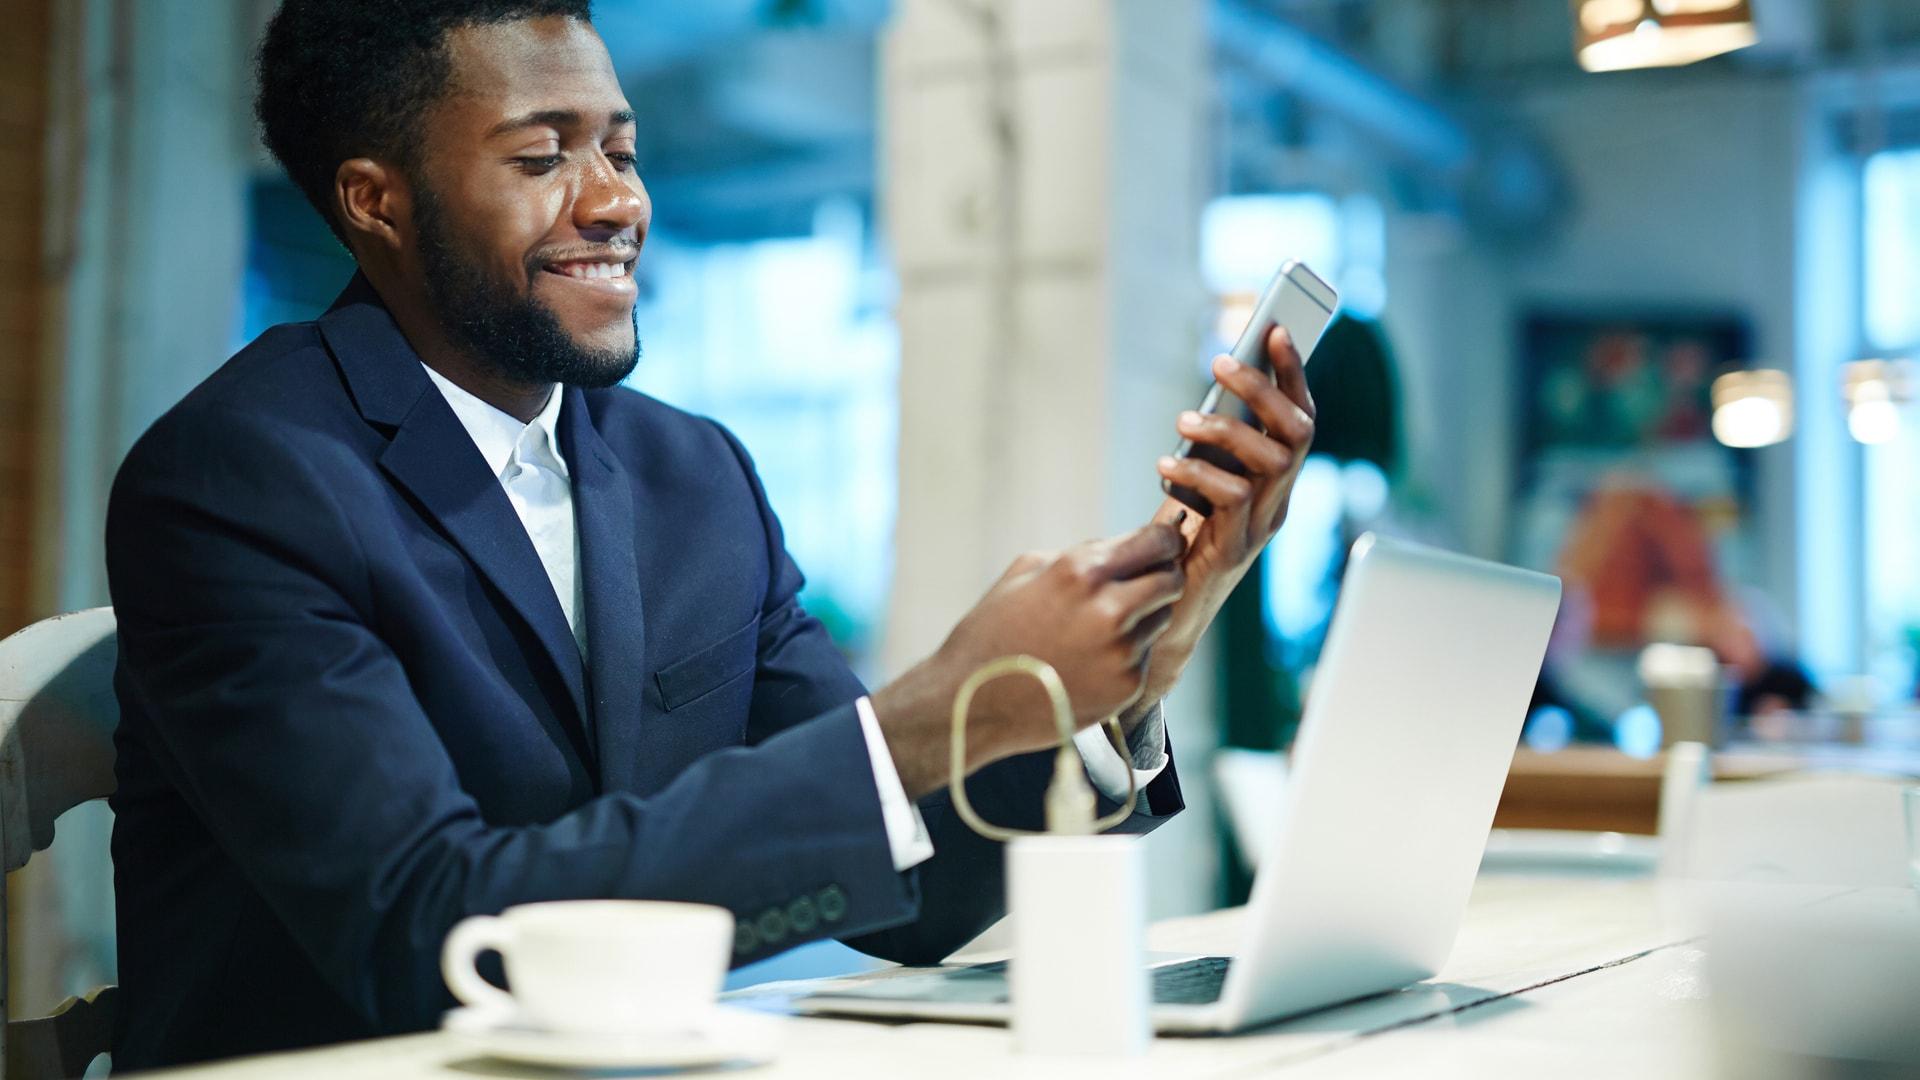 Formazione imprenditoriale gratuita per 6000 startups ghanesi